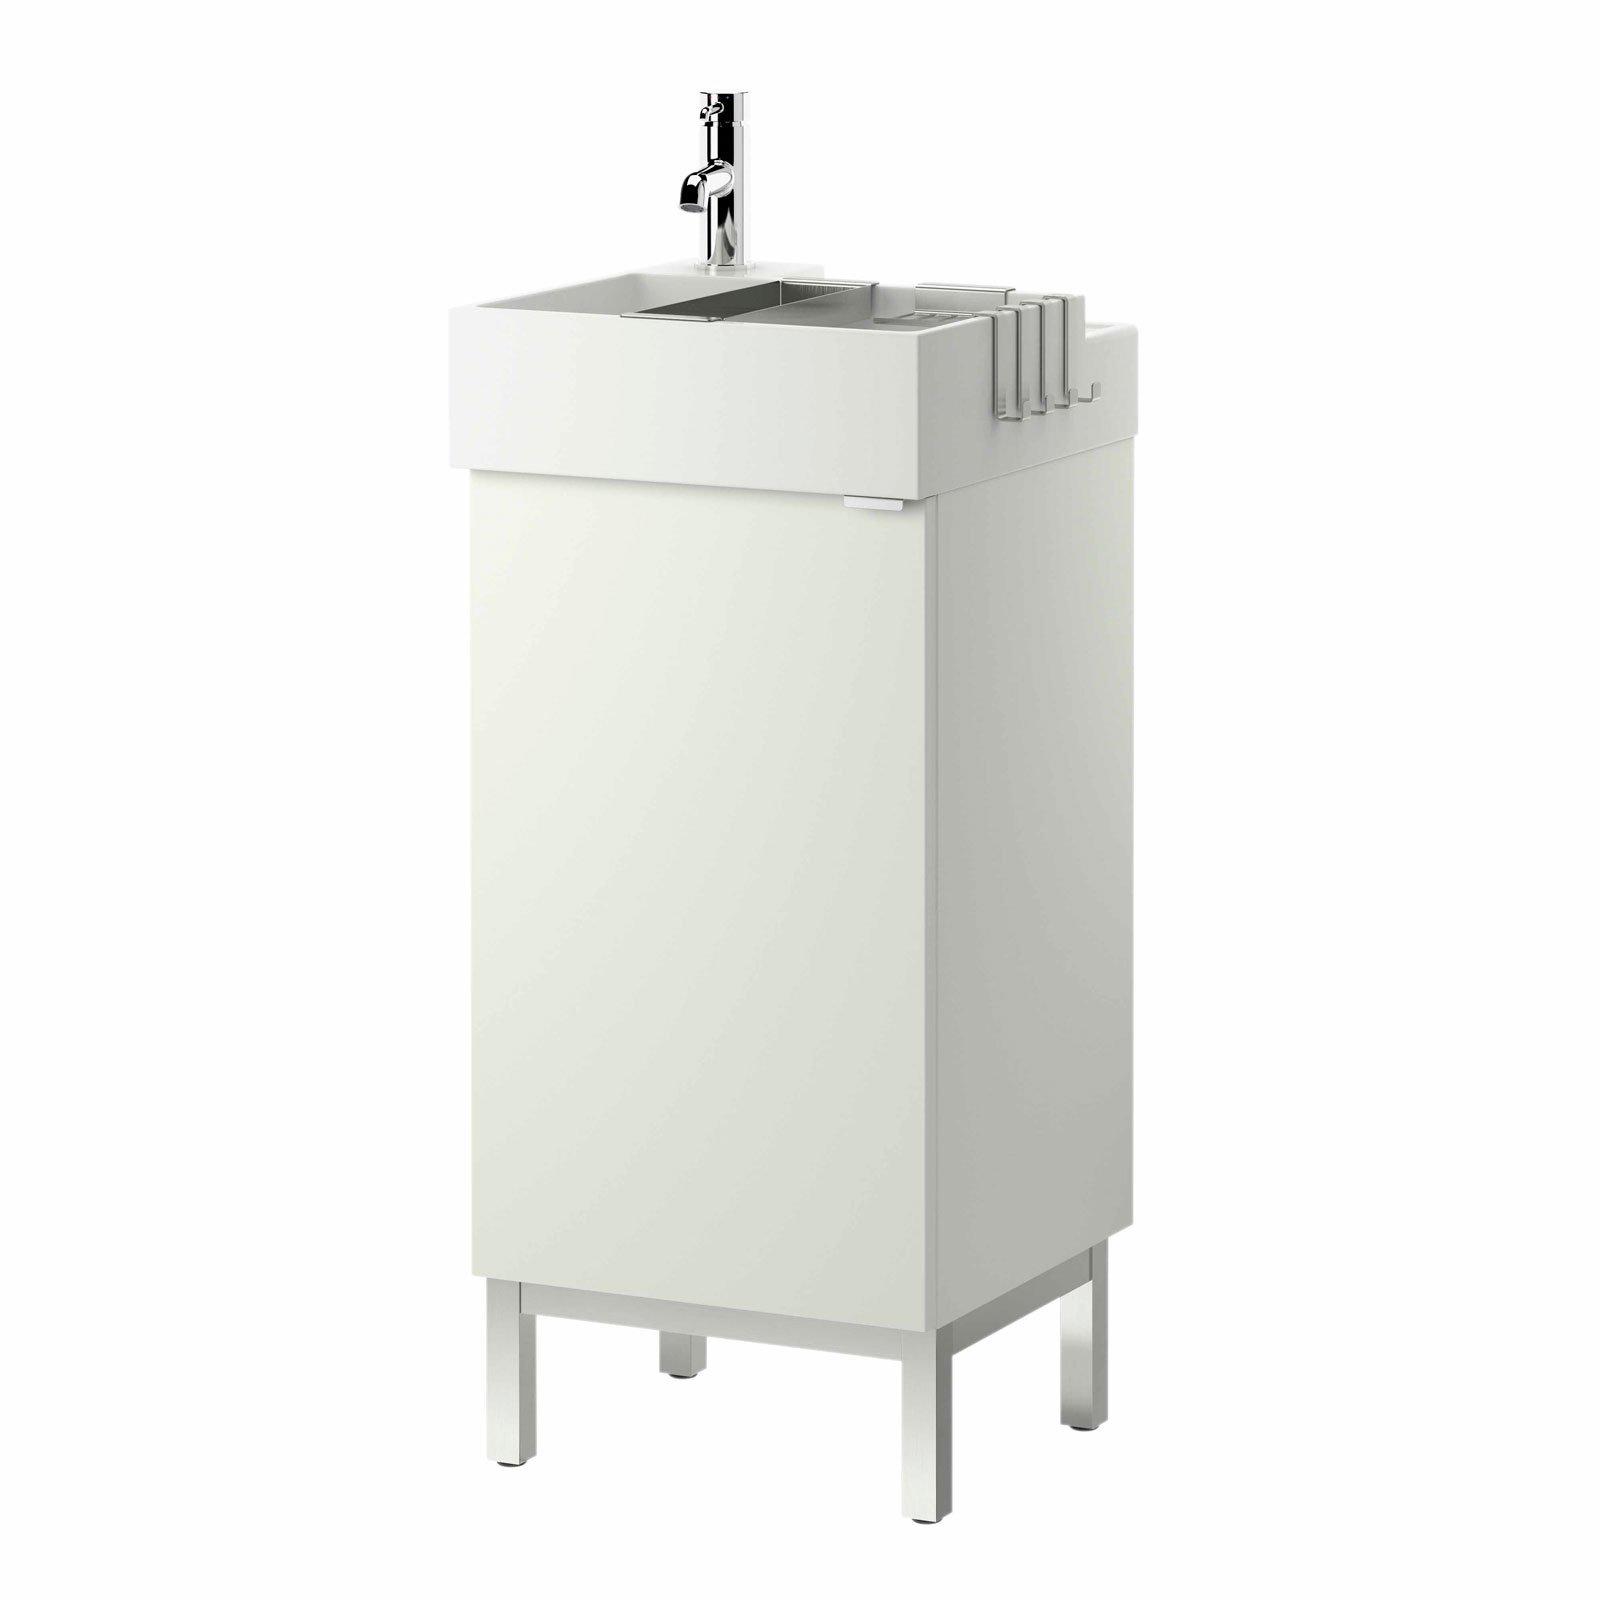 Lampadario led sospensione basso prezzo - Ikea bagno piccolo ...